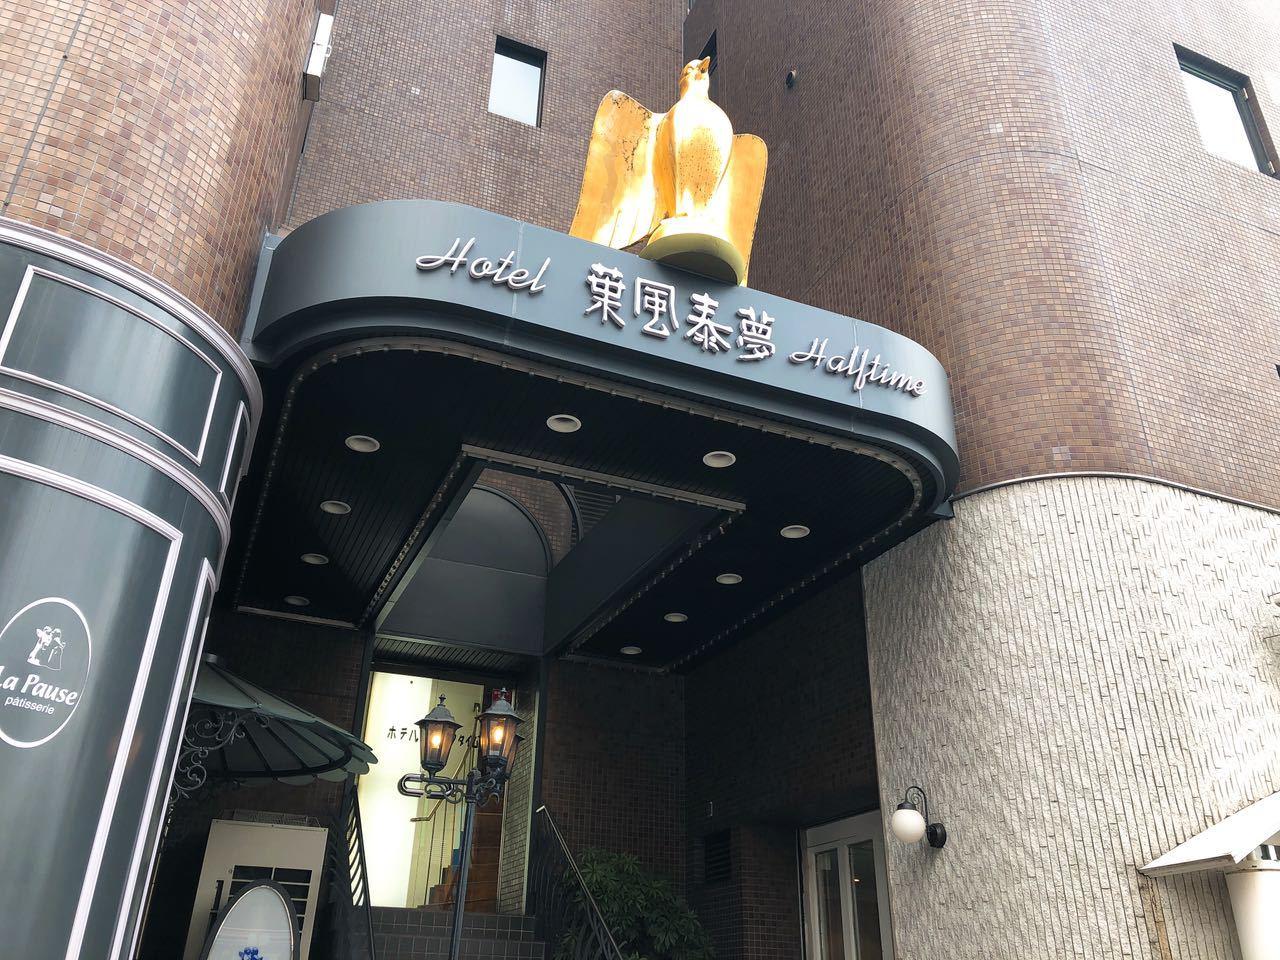 ホテル・葉風泰夢(ハーフタイム)